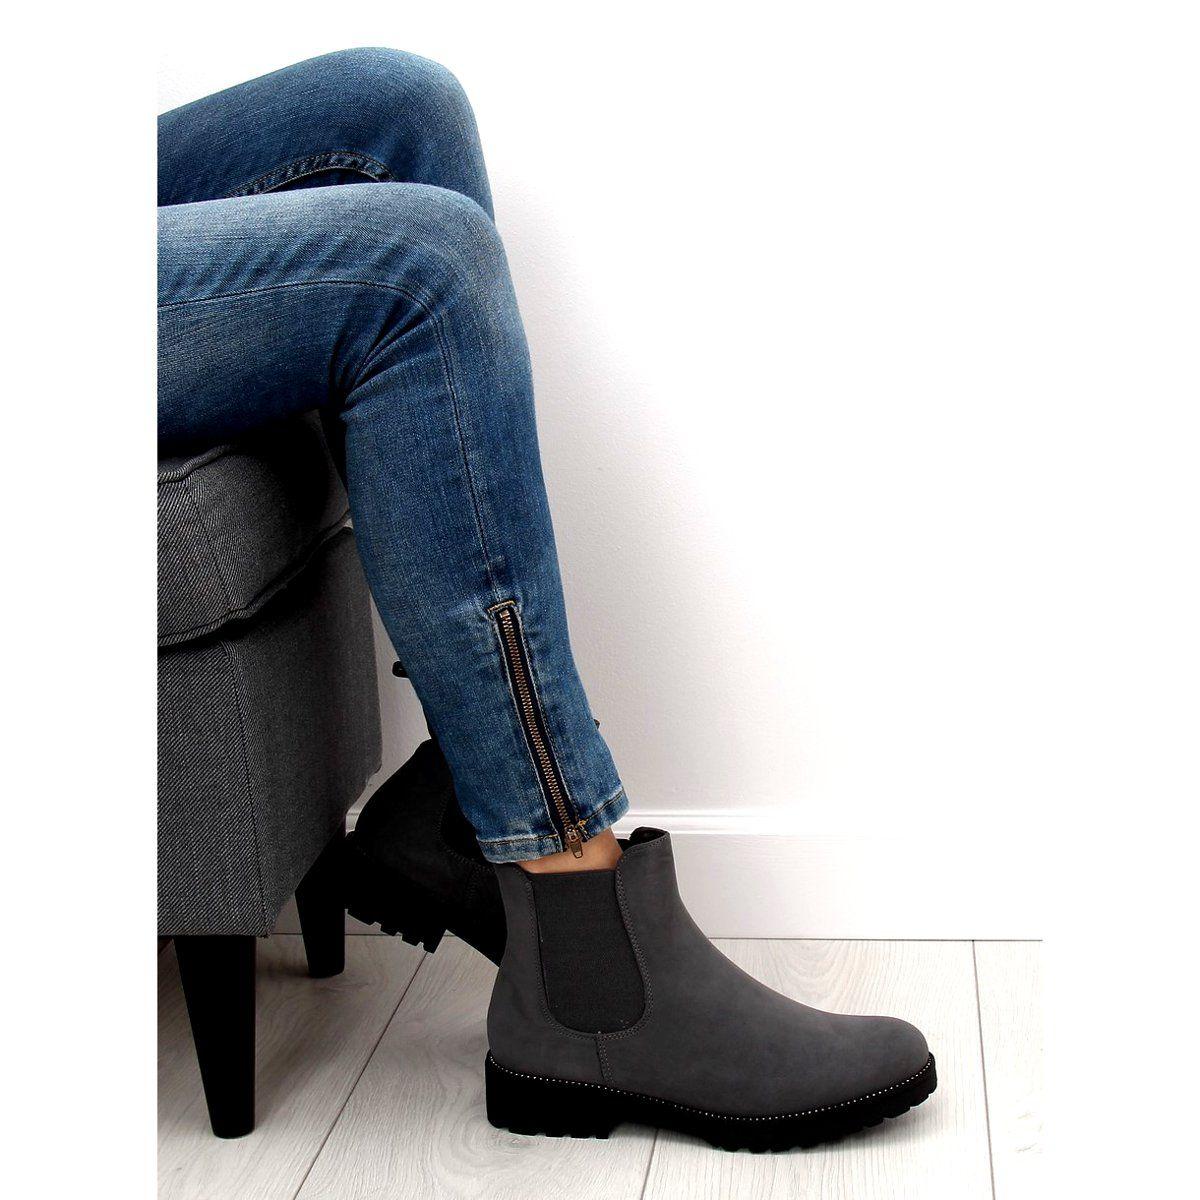 2eac1ec166b11 Sztyblety damskie szare SP16 Grey | Botki damskie | Shoes, Boots i ...